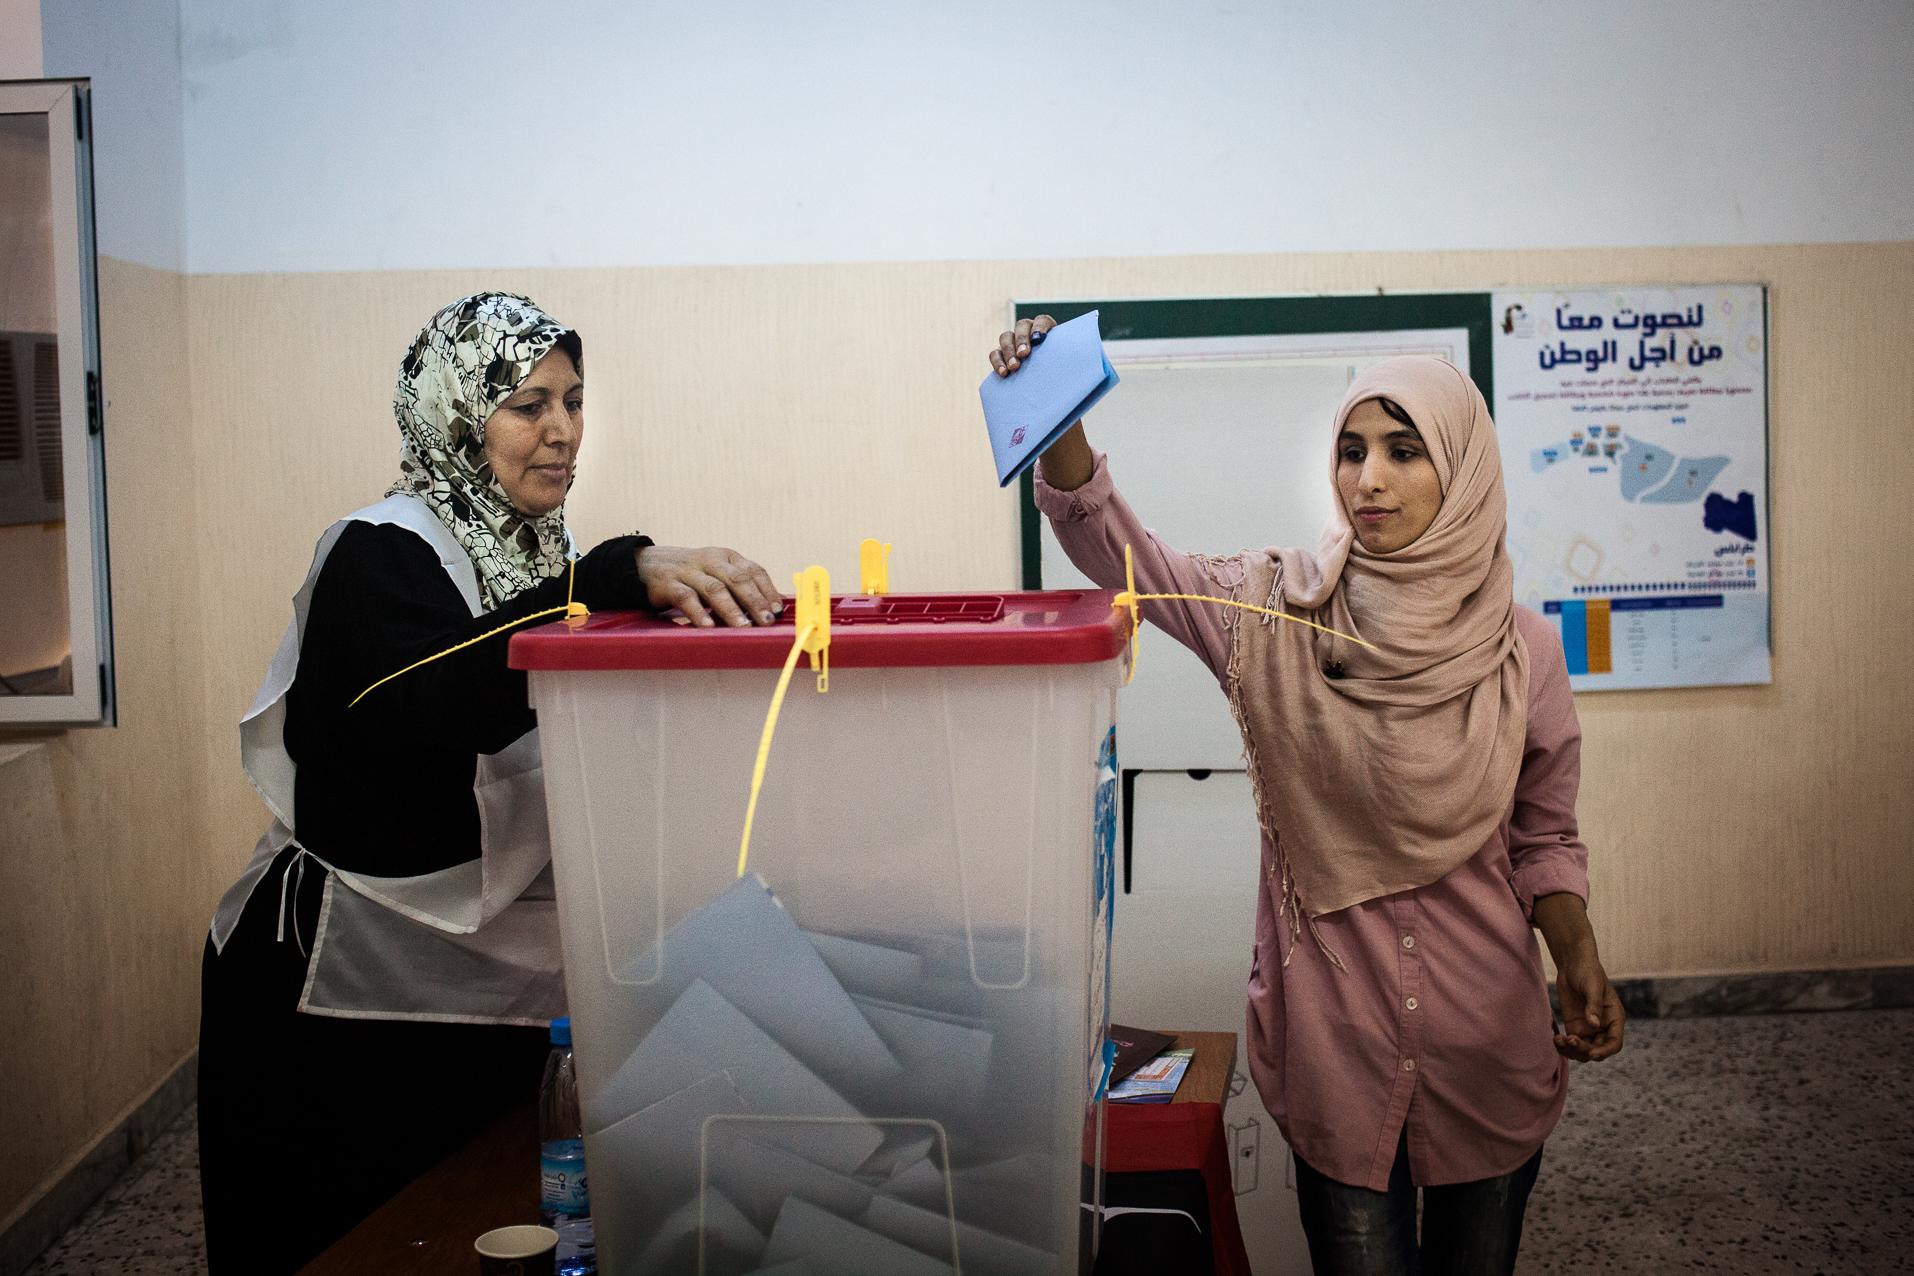 Tripoli, 7 Juillet 2012, bureau de vote pour femmes, lors des élections legislatives.  Tripoli, July 7, 2012, the polling station for women during the legislative elections.